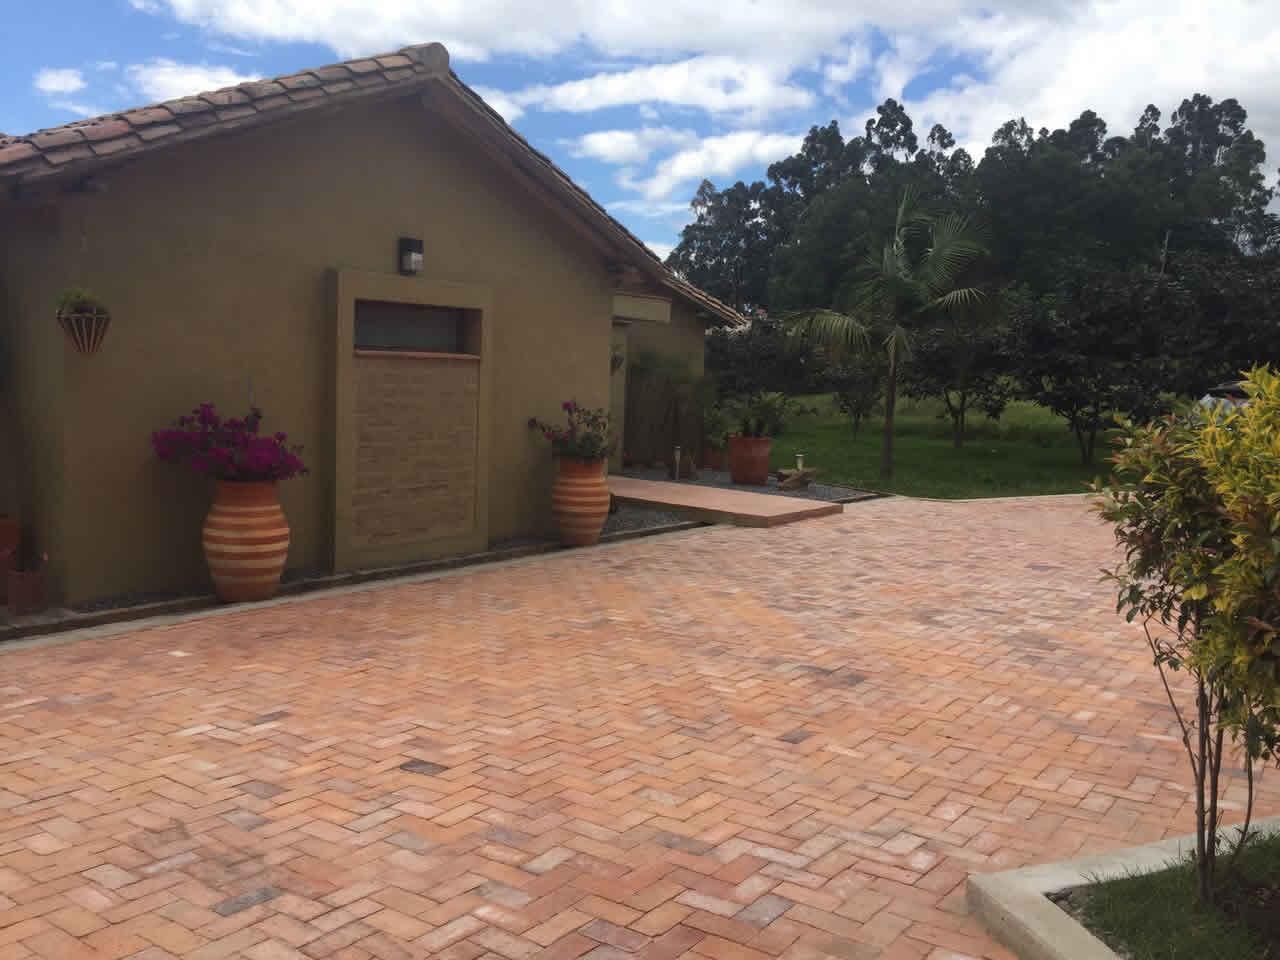 Alquiler Casa del Viento en Villa de de Leyva - Entrada